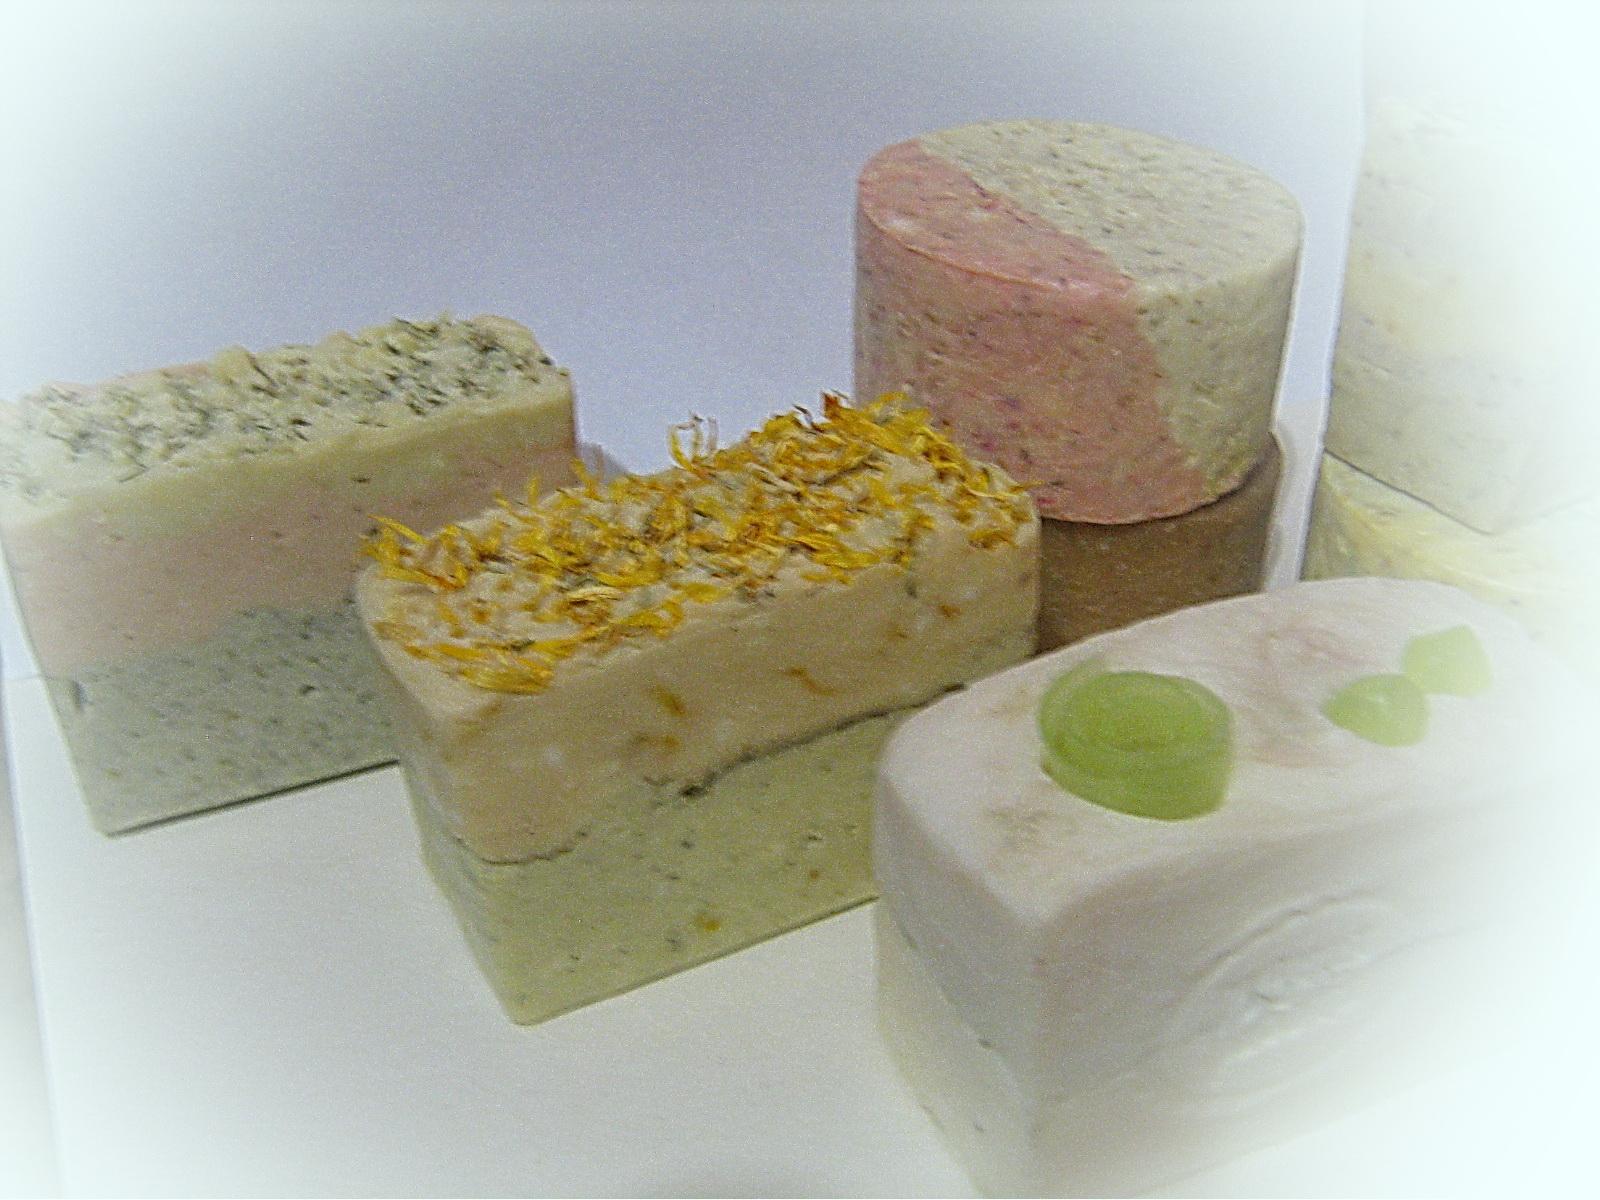 Мыловарение из детского мыла рецепты с фото - Как заняться продажей поделок, которые были сделаны своими руками